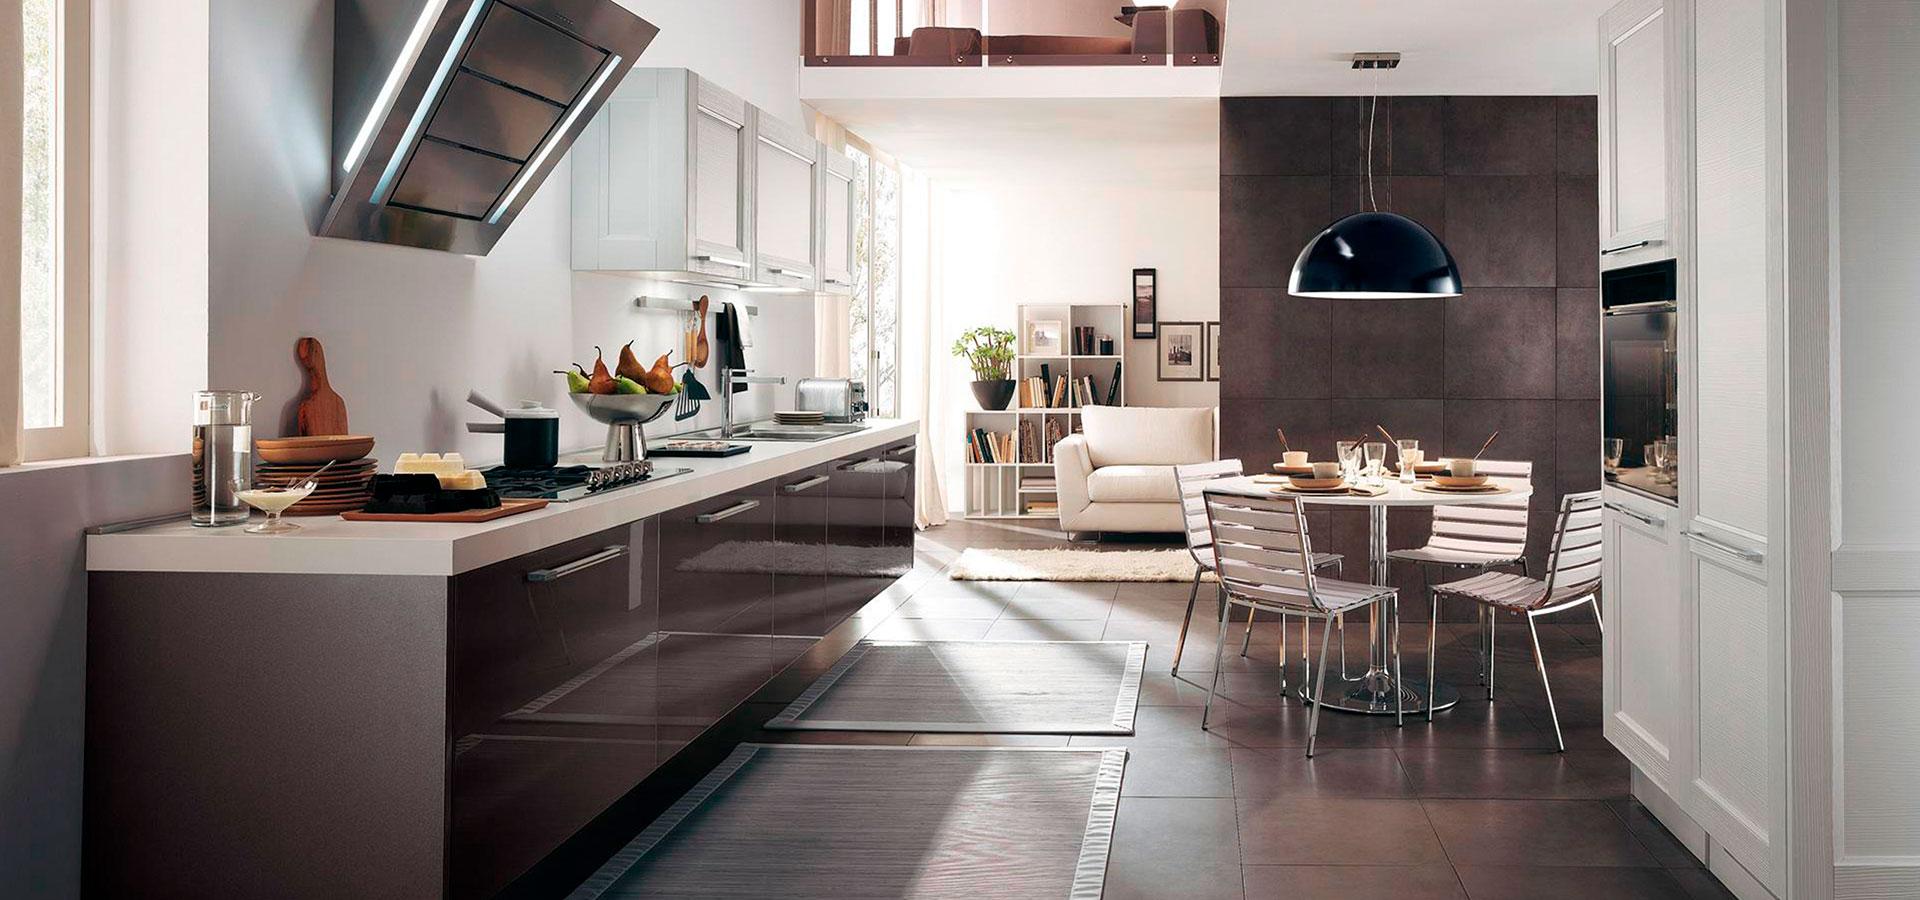 Cucine Lube Rimini